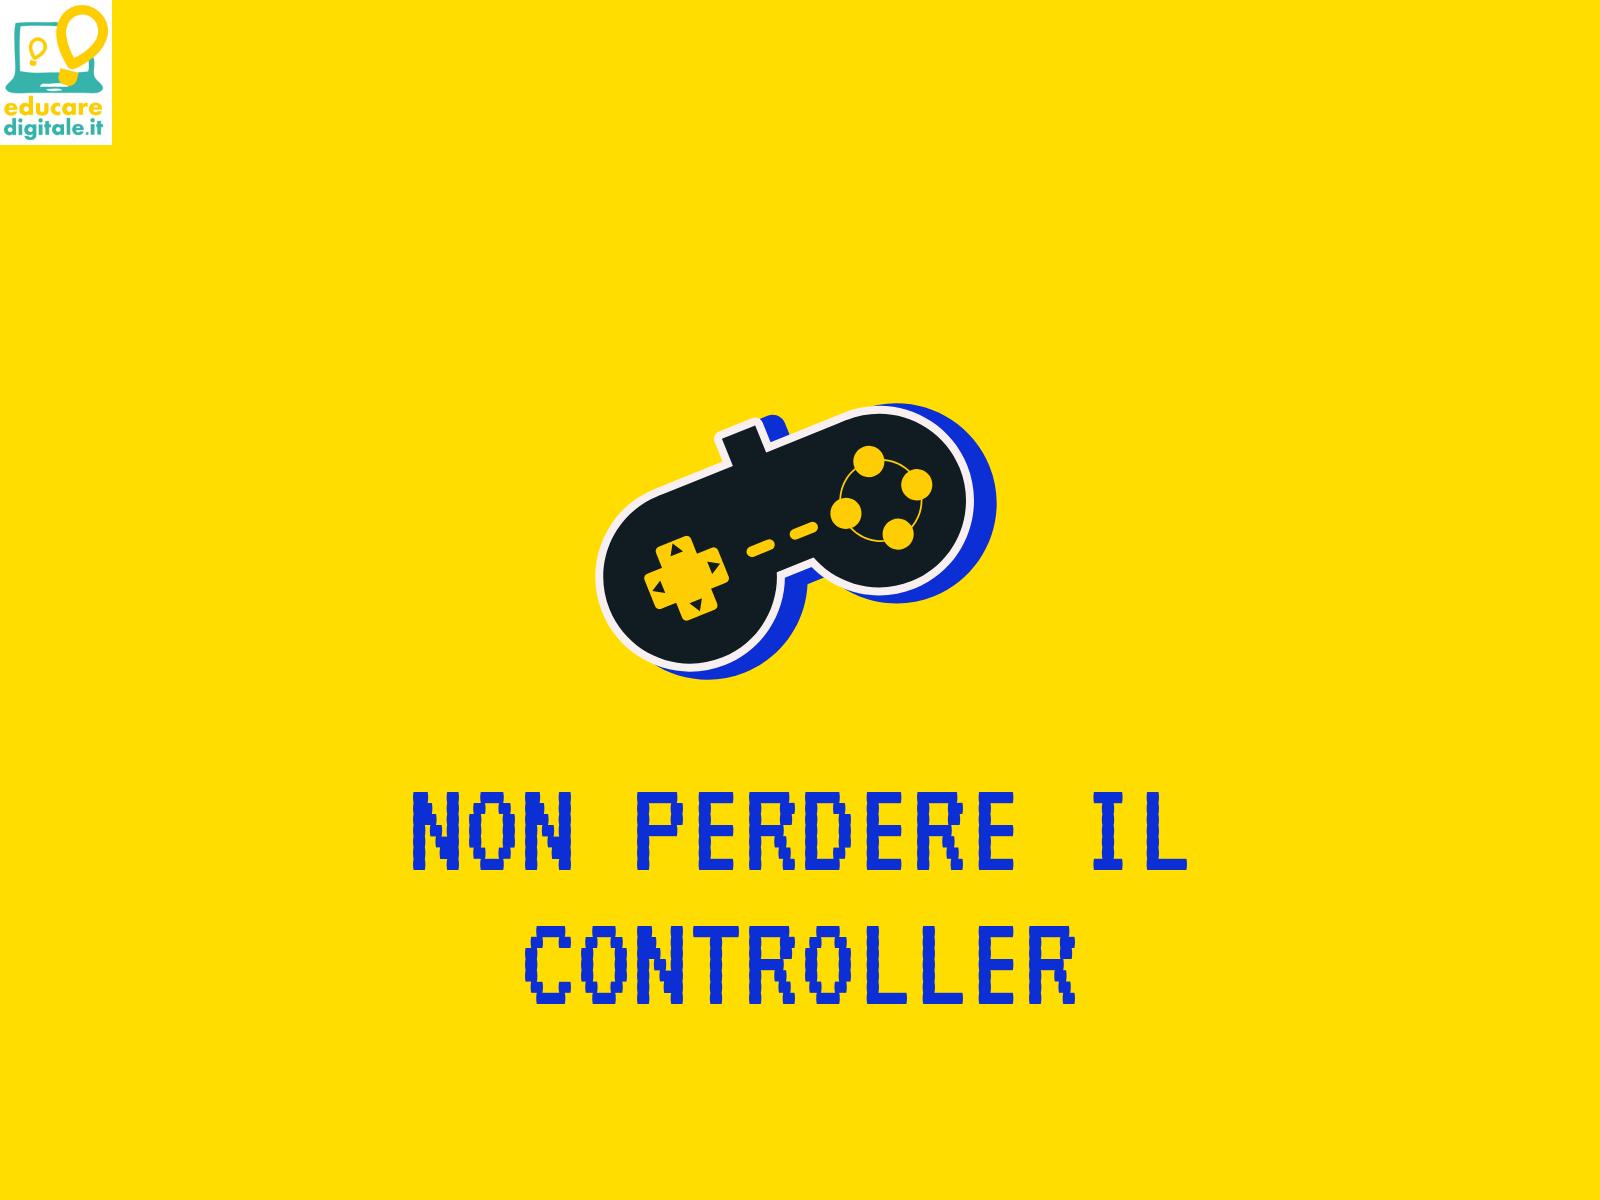 Giochi online campagna non perdere il controller